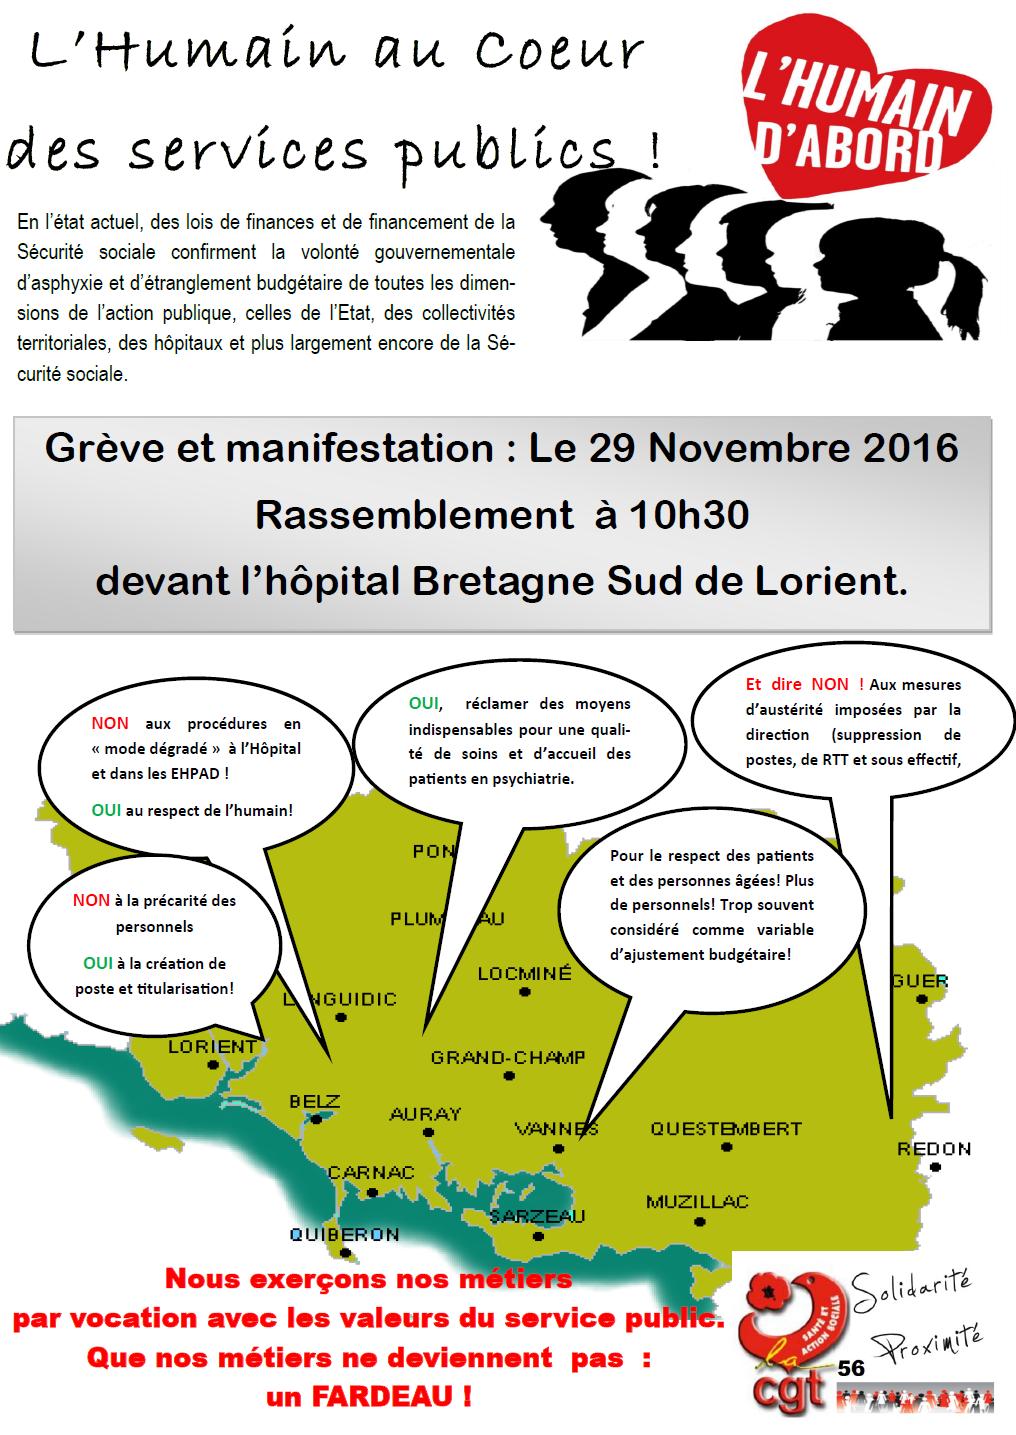 29 nov grève et manif.png